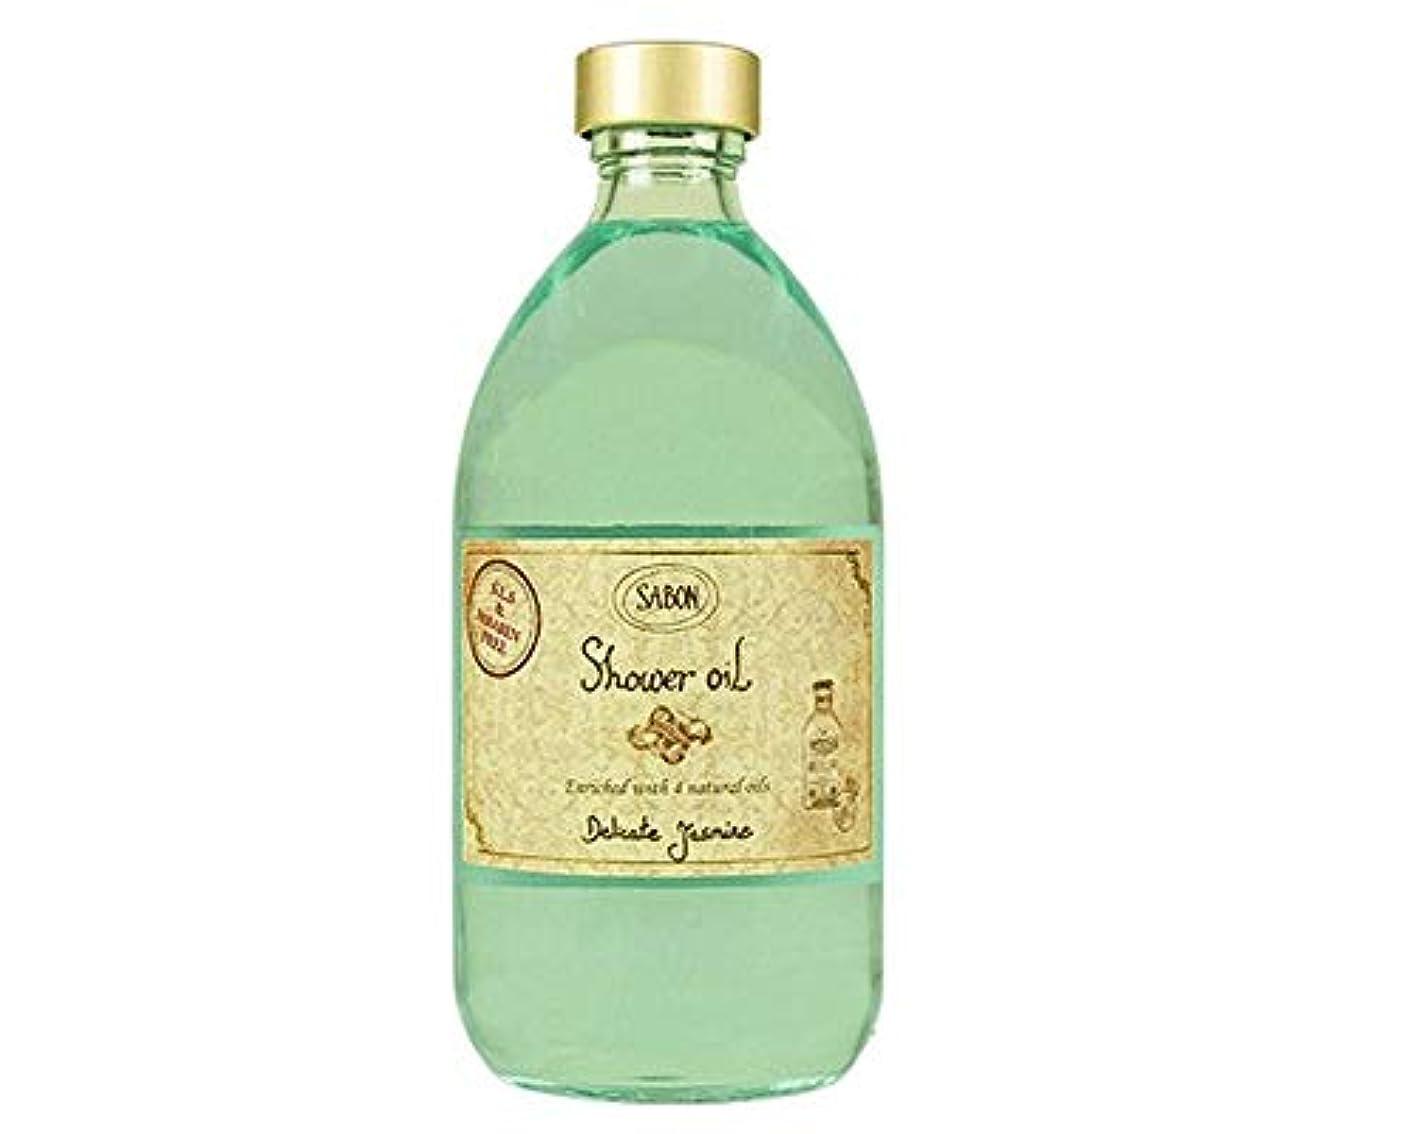 サボン SABON シャワーオイル デリケートジャスミン 500ml ボディケア 保湿 潤い